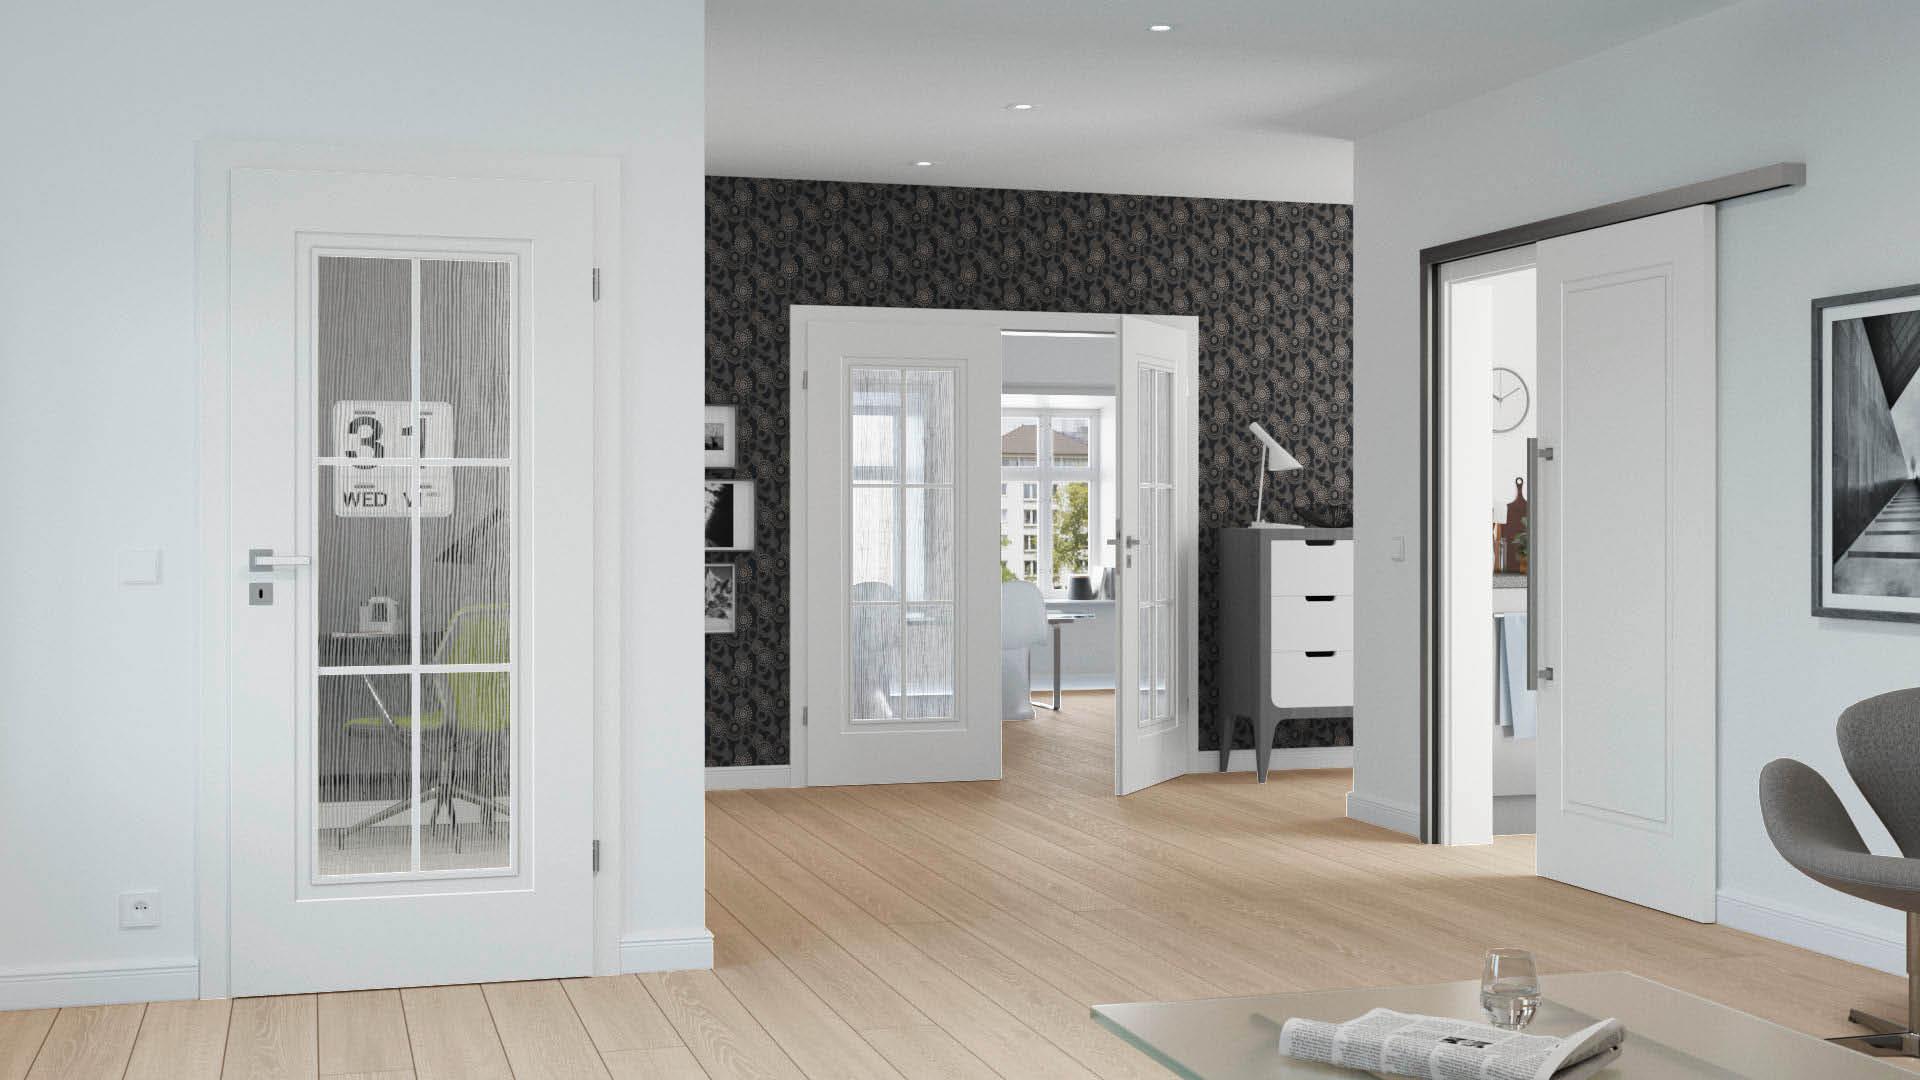 Merveilleux Cool Tür Gestalten Best Choice Of Türen Räume